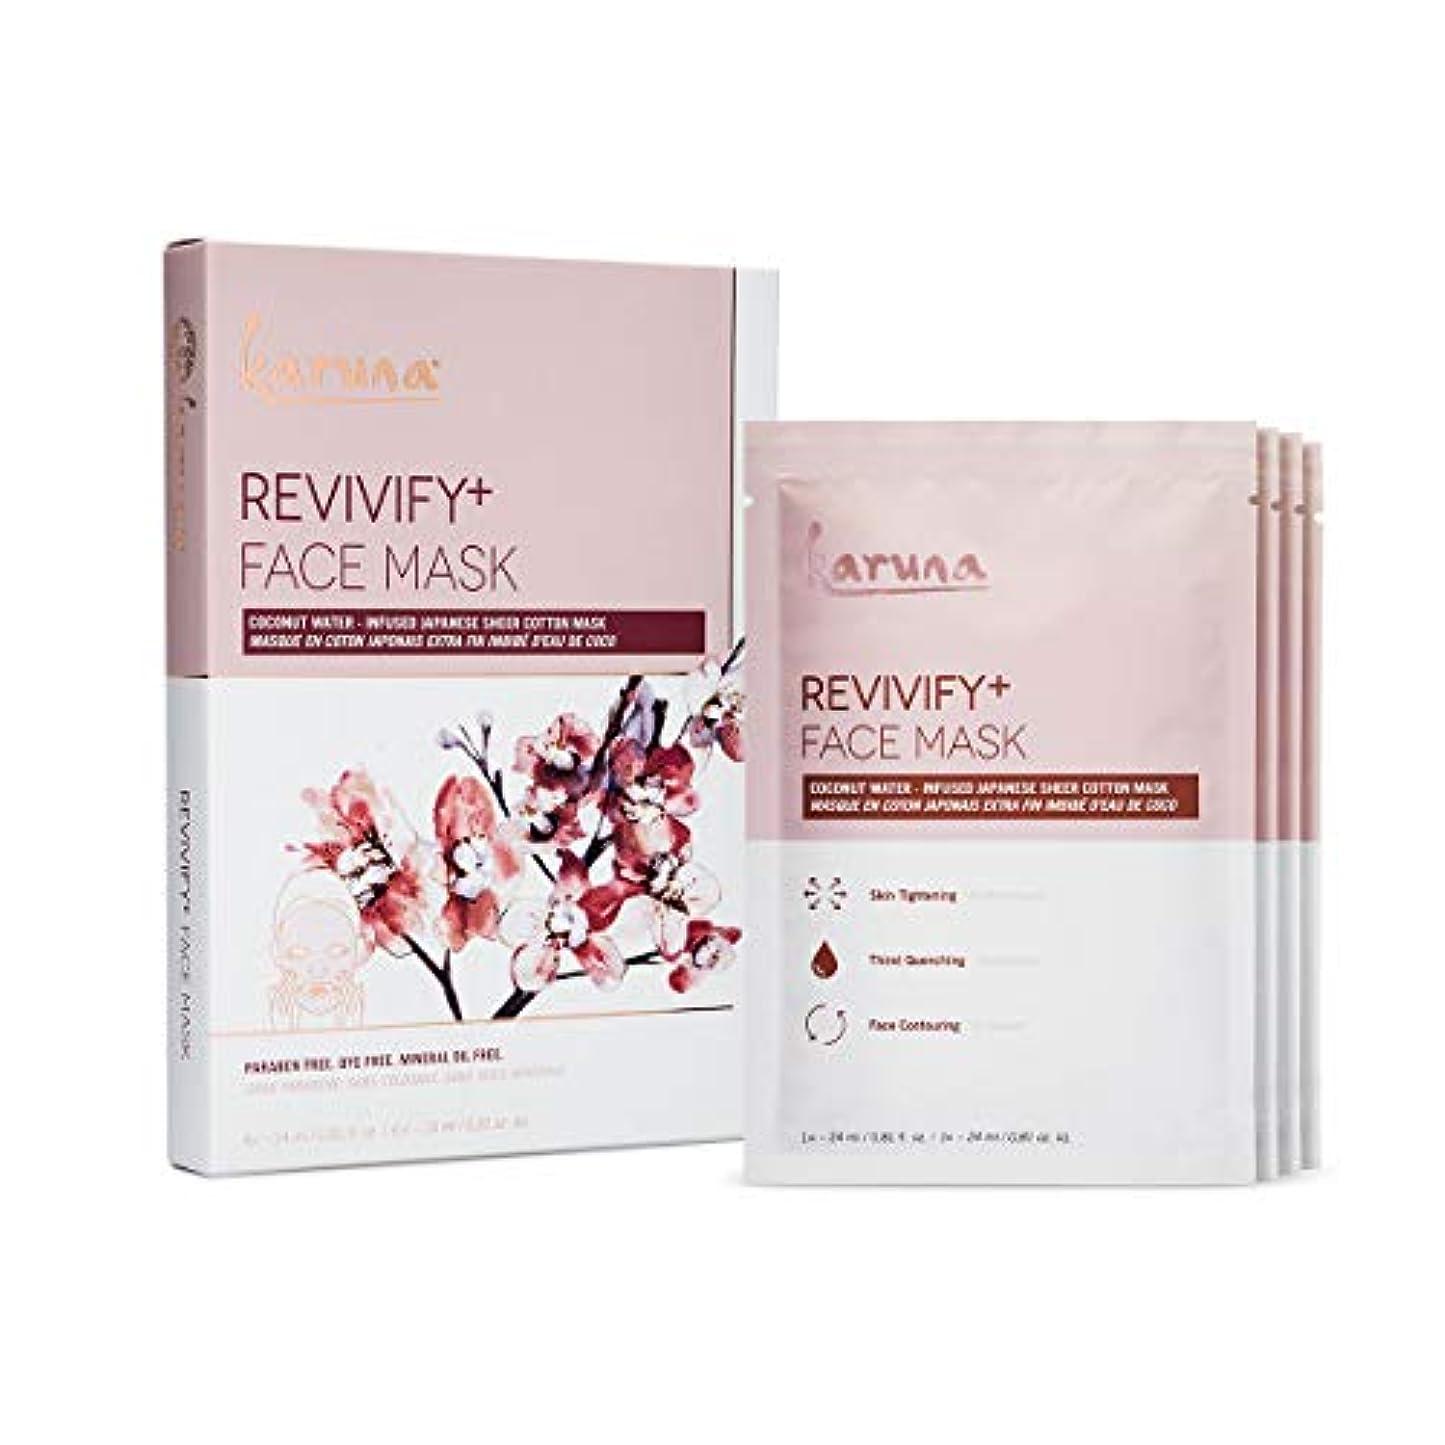 ますます解き明かす溶けるKaruna Revivify+ Face Mask 4sheets並行輸入品